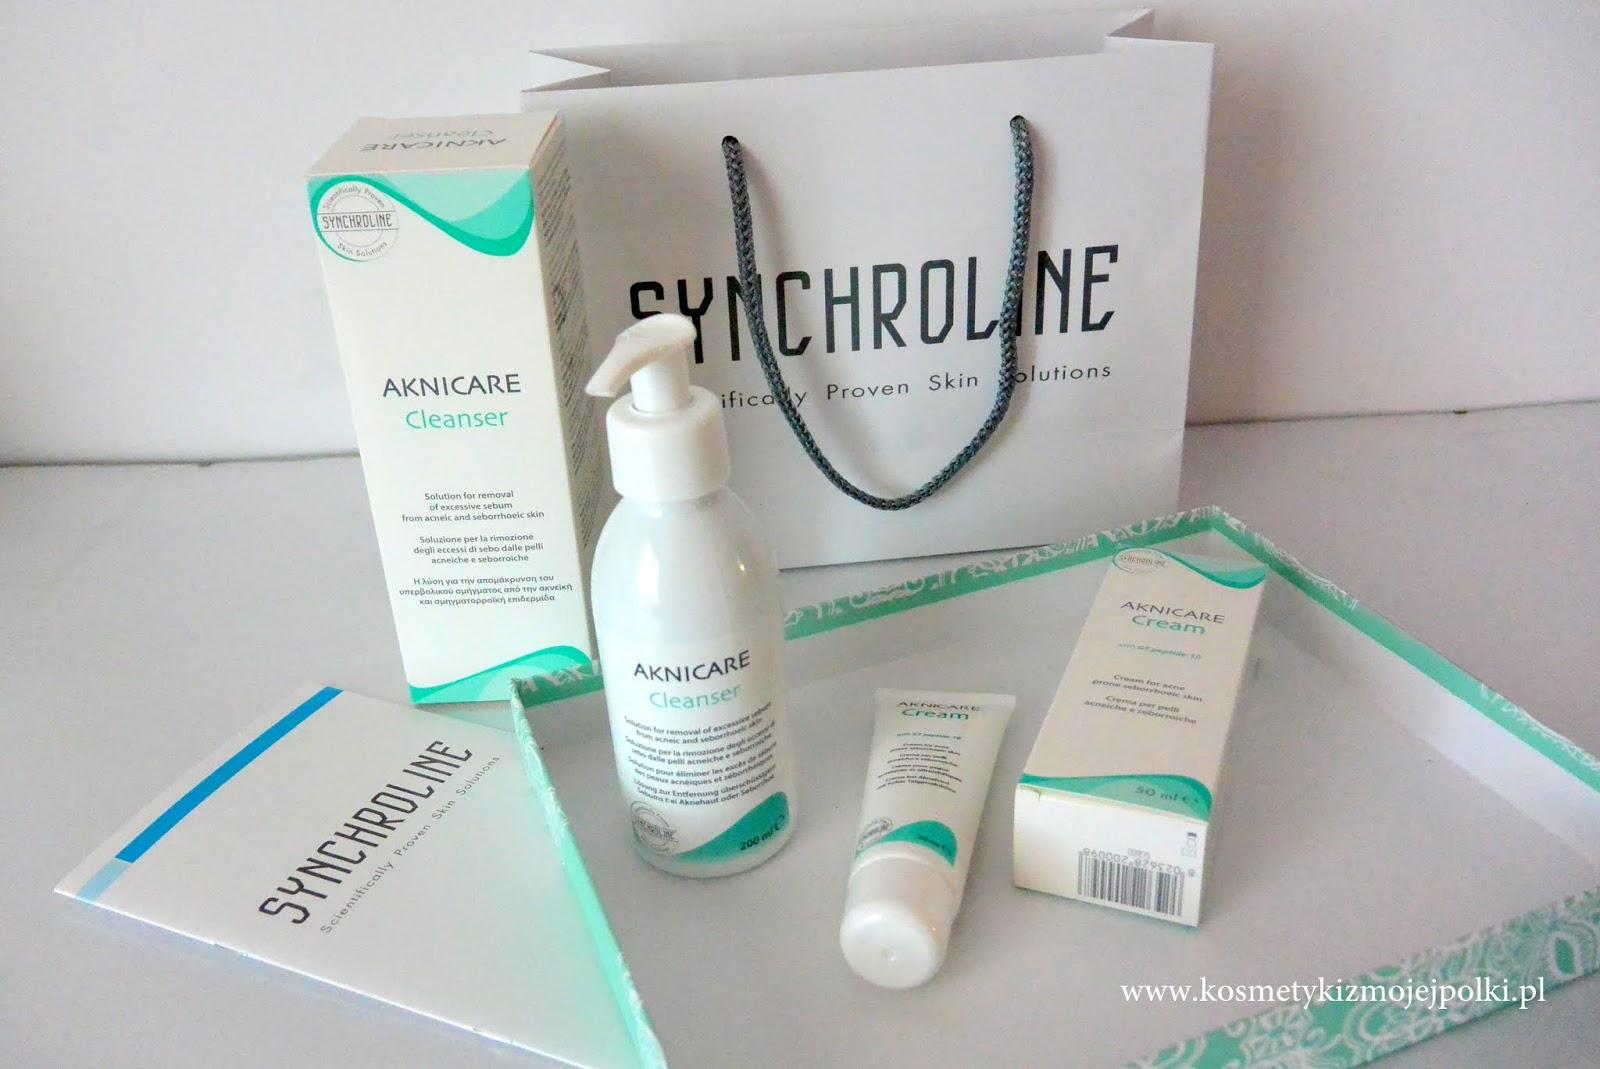 Pielęgnacja skóry tłustej i trądzikowej | SYNCHROLINE Acnicare